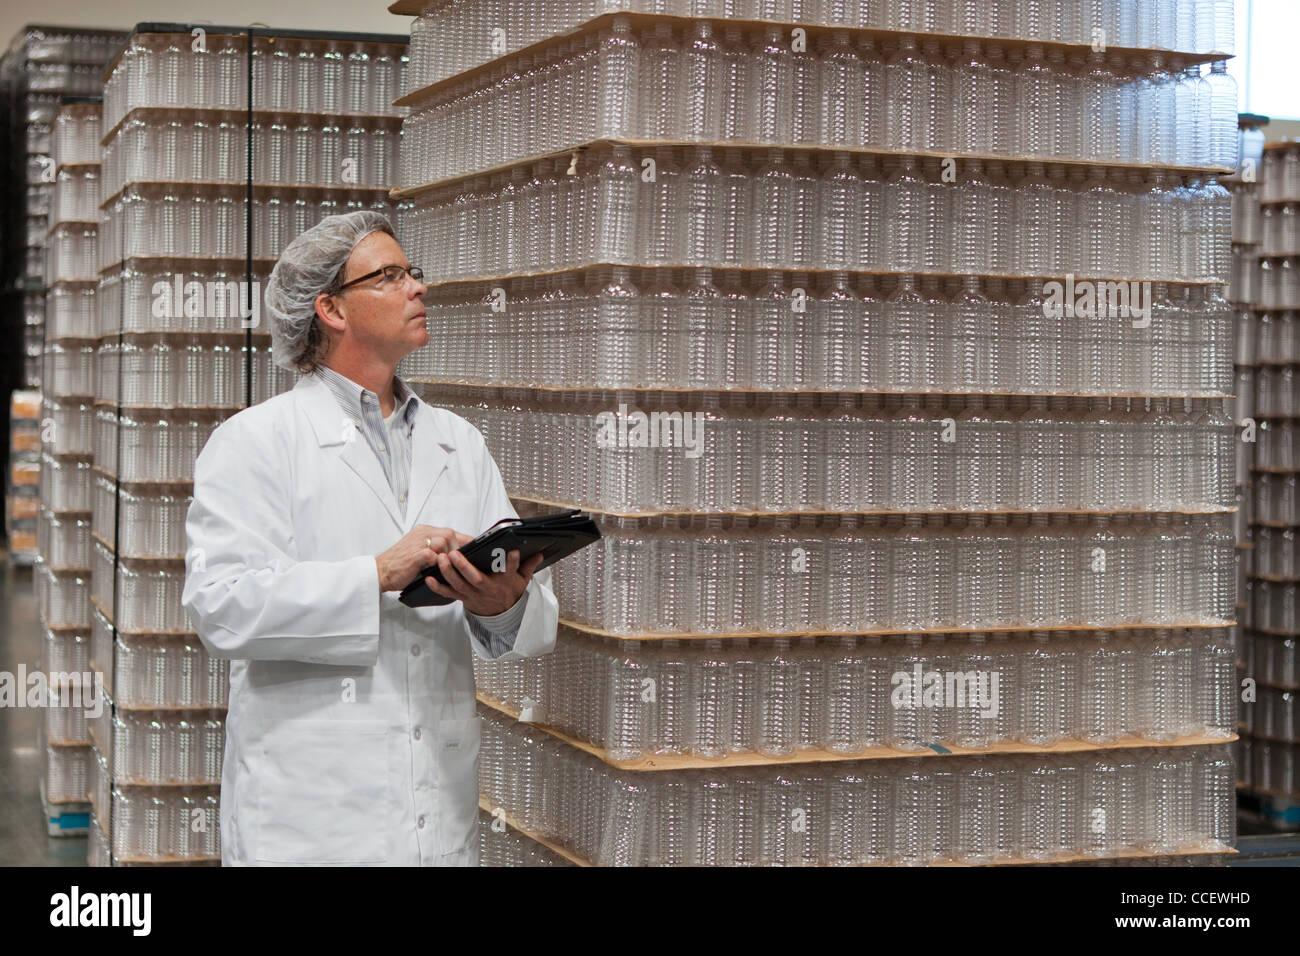 L'homme l'inspection de l'eau en bouteille dans l'entrepôt de distribution Photo Stock